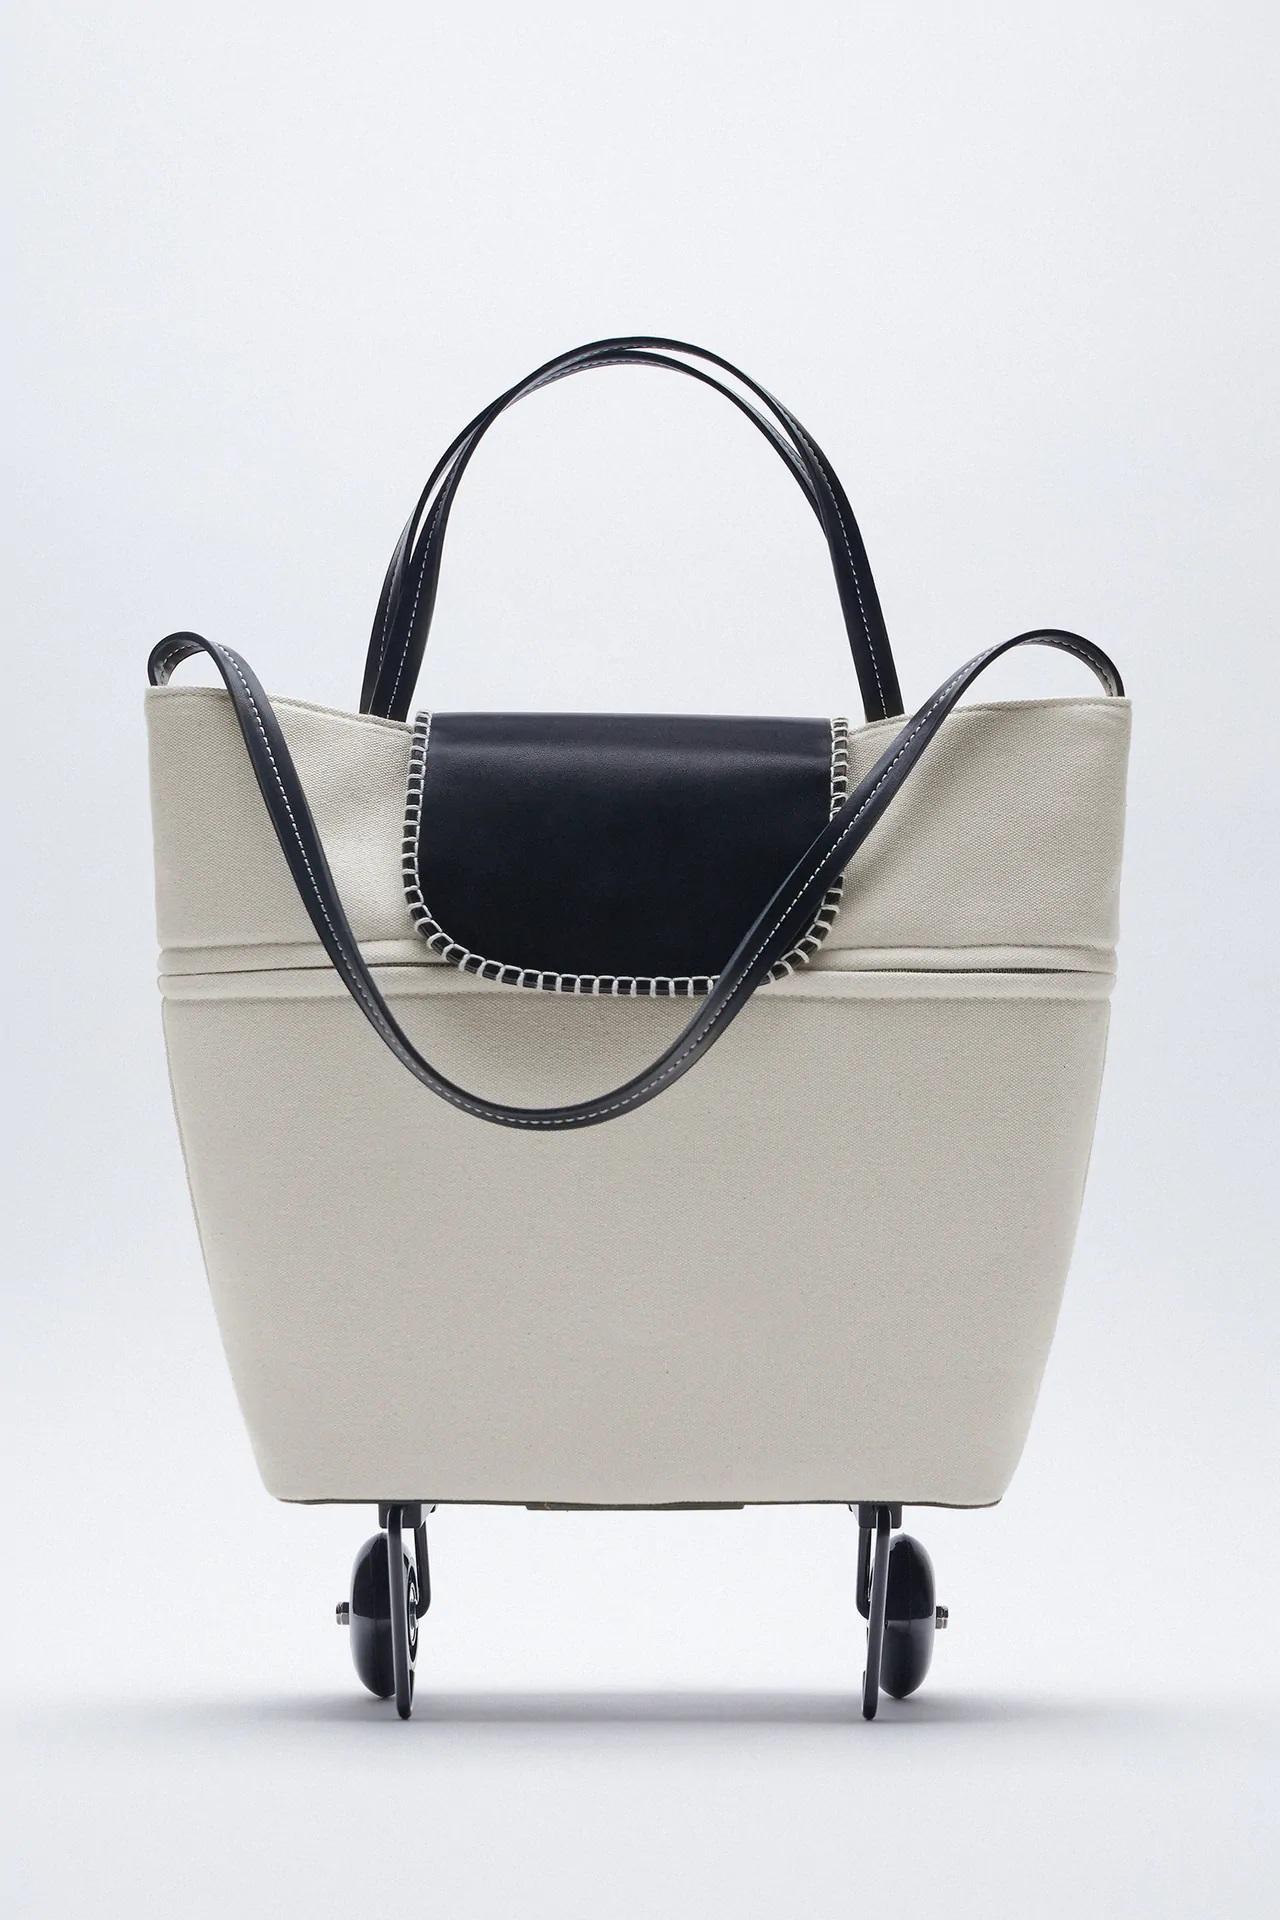 ¿Carro de la compra o bolso con estilo? Zara presenta el carro-bolso definitivo